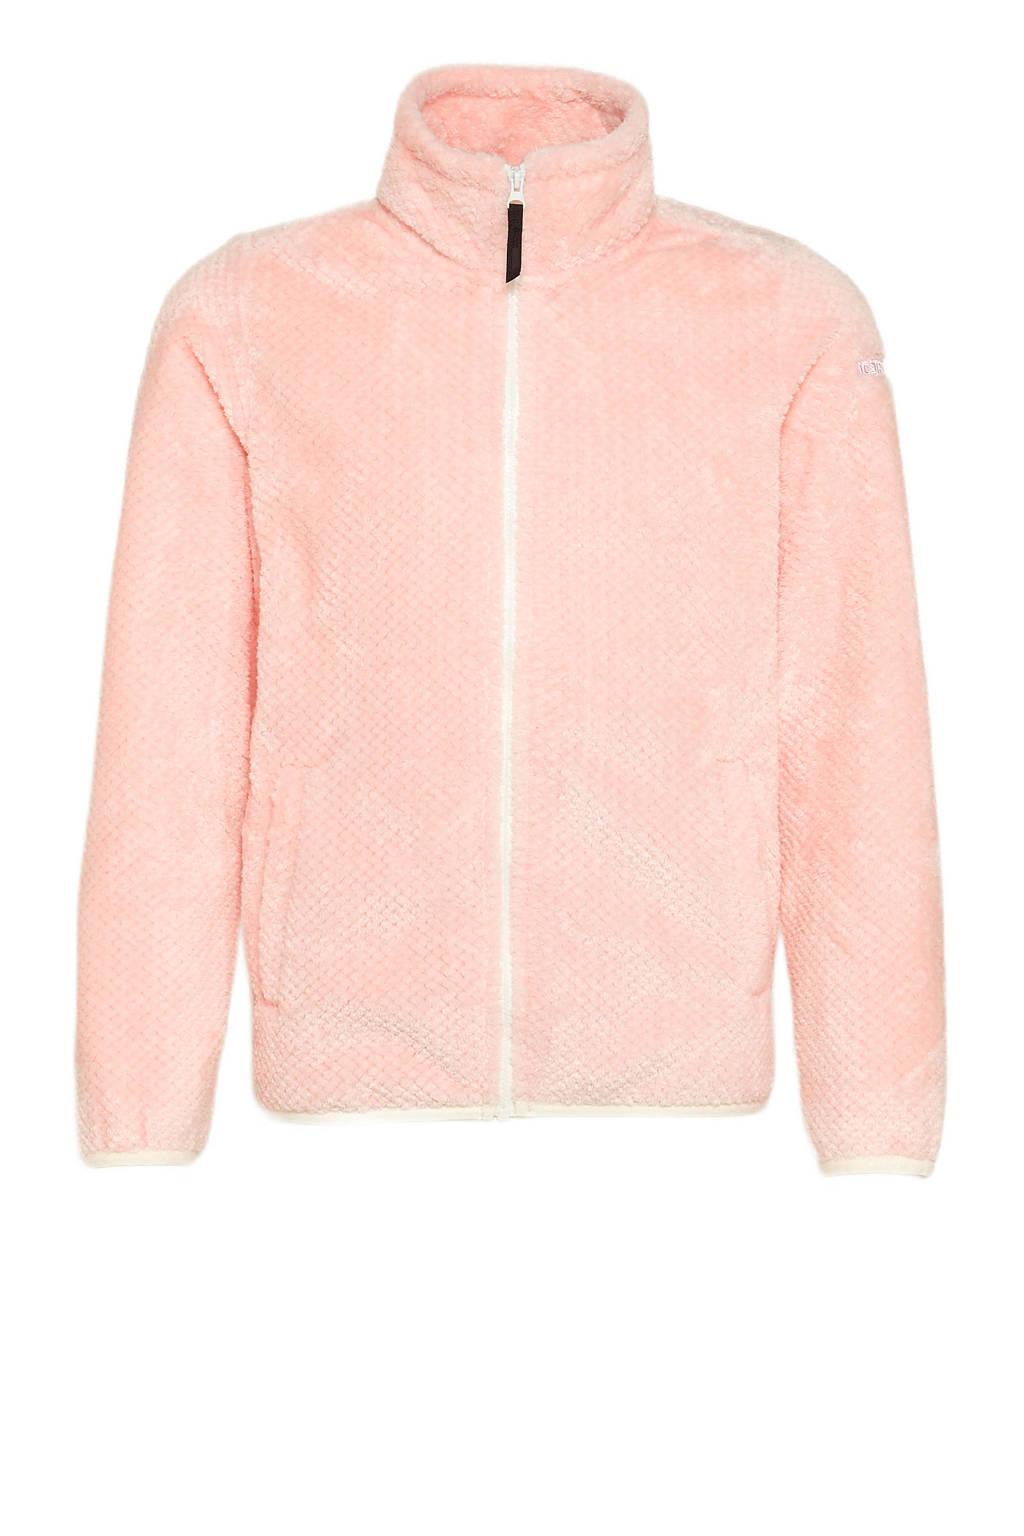 Icepeak fleecevest Keene jr roze, Roze